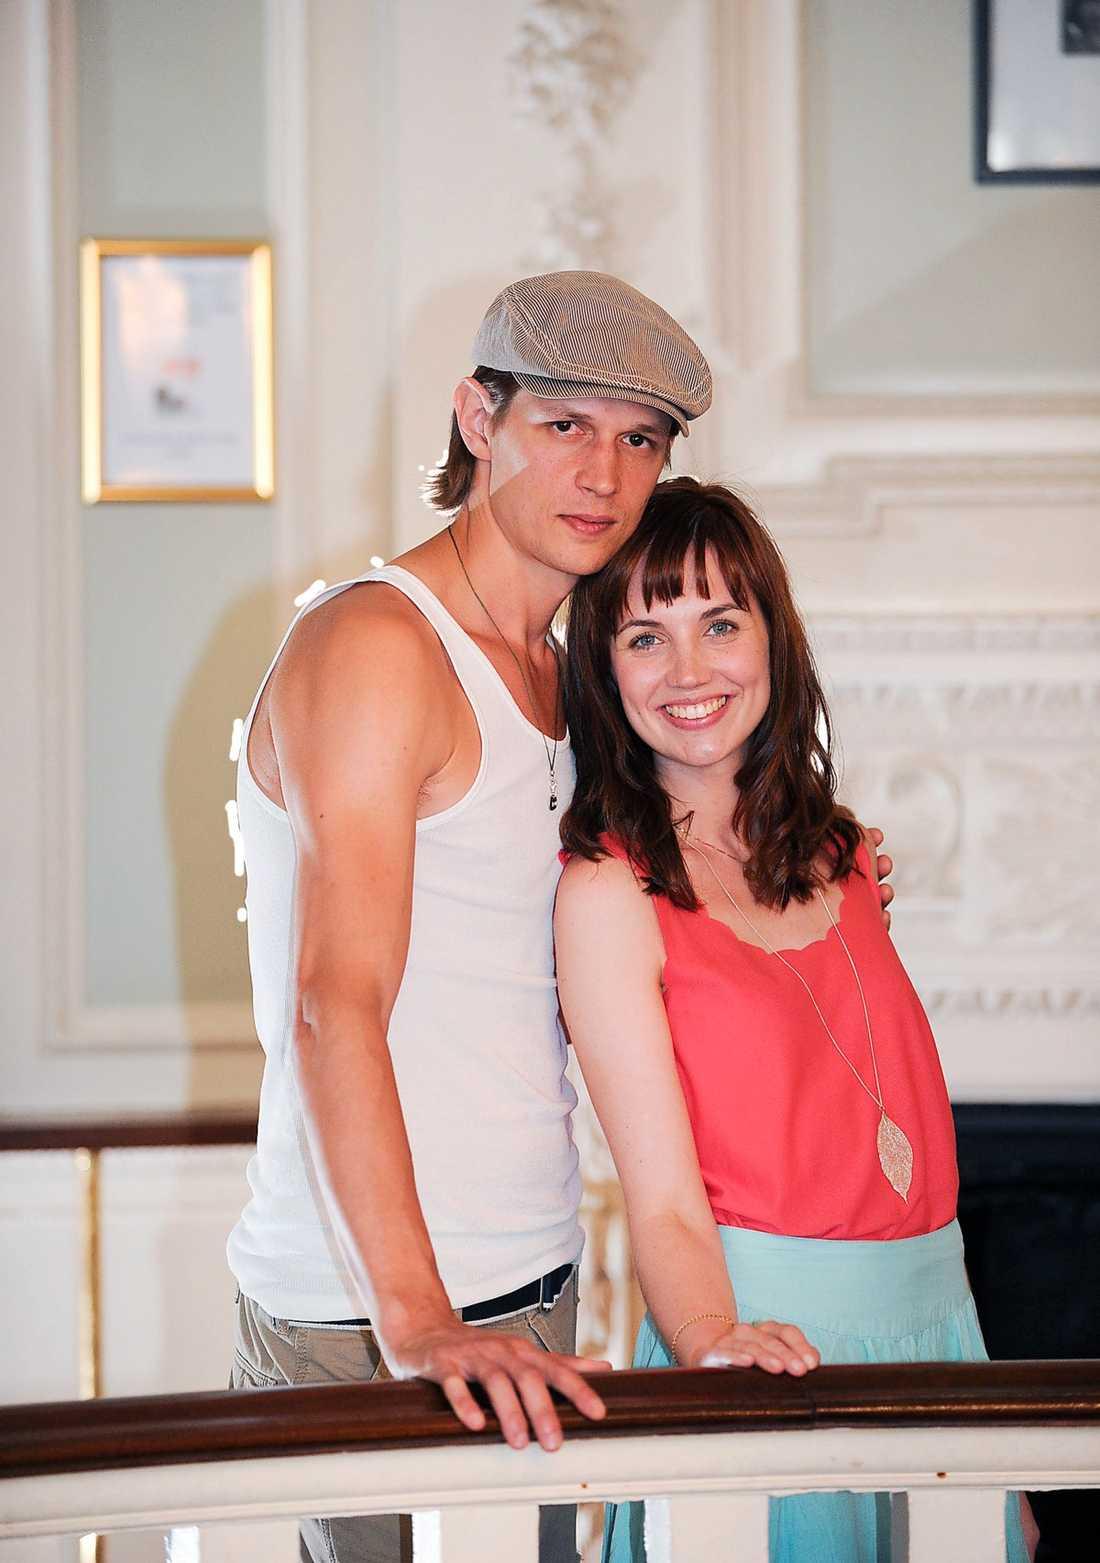 NYA JOHNNY OCH BABY  Pascal Jansson och Emilia Ödling Runsteen gör de ikoniska rollerna.